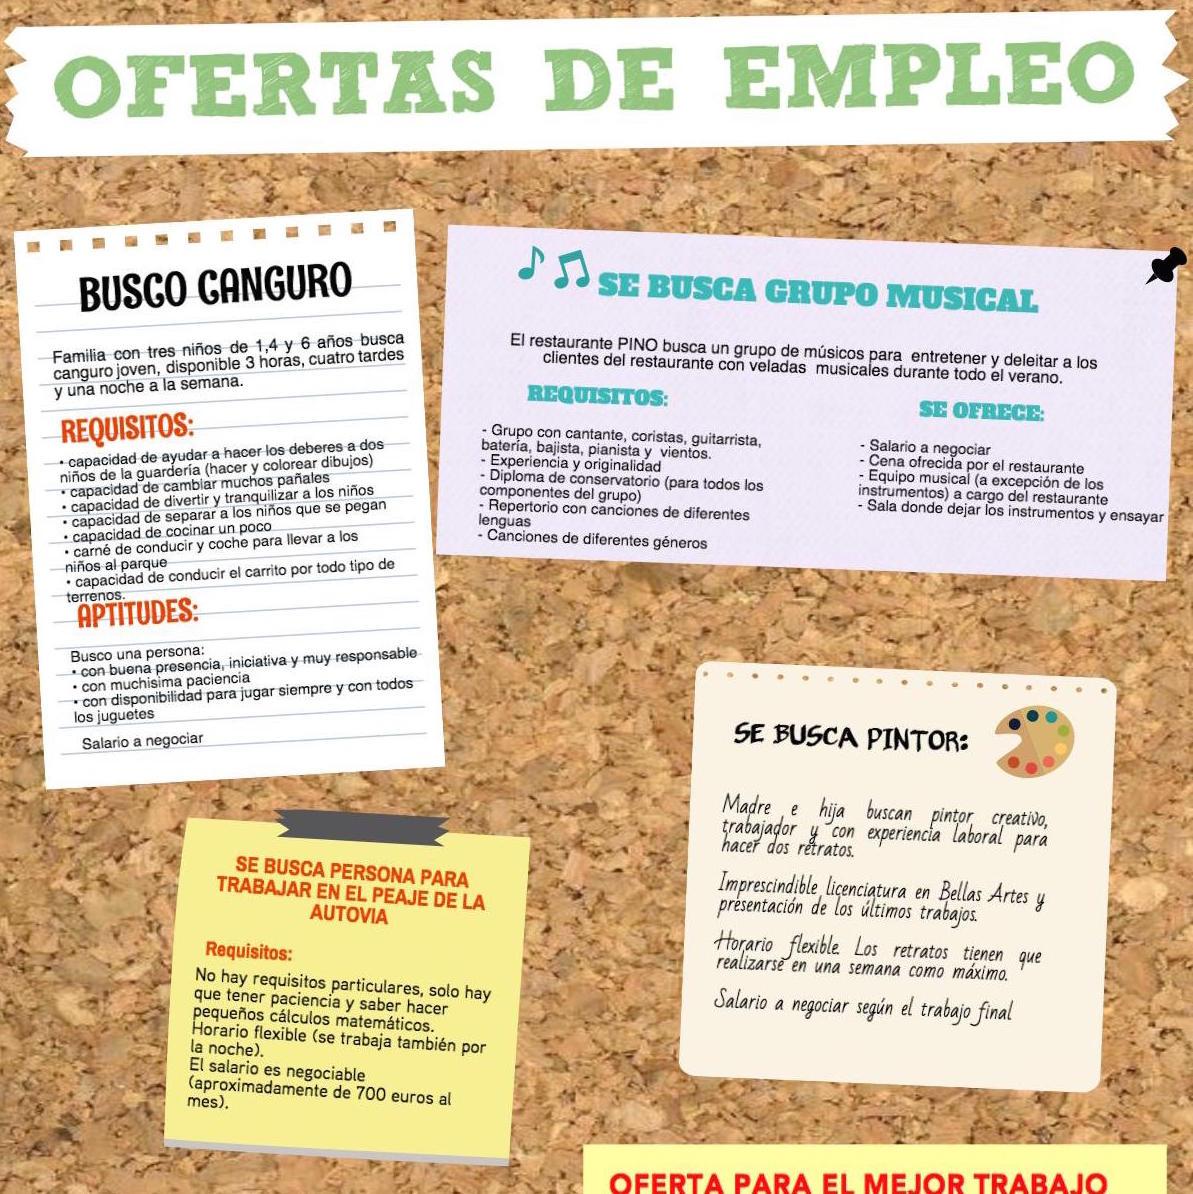 El mundo laboral la oferta de trabajo la entrevista y el cv lenguaje y otras luces - Busco trabajo de limpieza de casas por horas ...